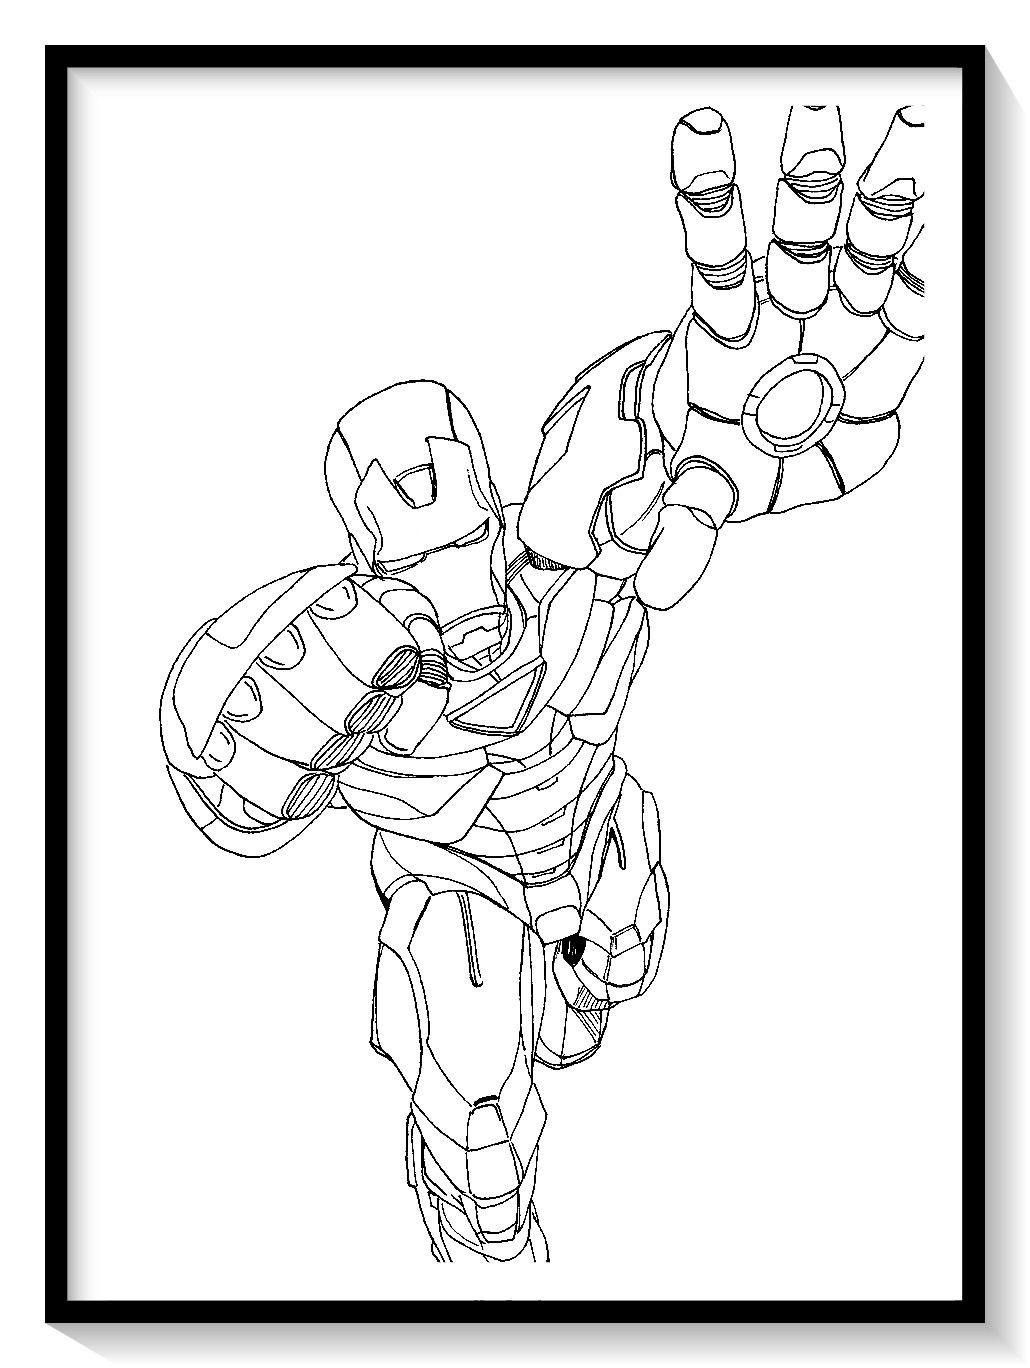 Dibujos De Iron Man Para Colorear En Linea Colorear E Imprimir Ironman Ironman Para Pinta Coloring Pages Avengers Coloring Pages Lego Coloring Pages